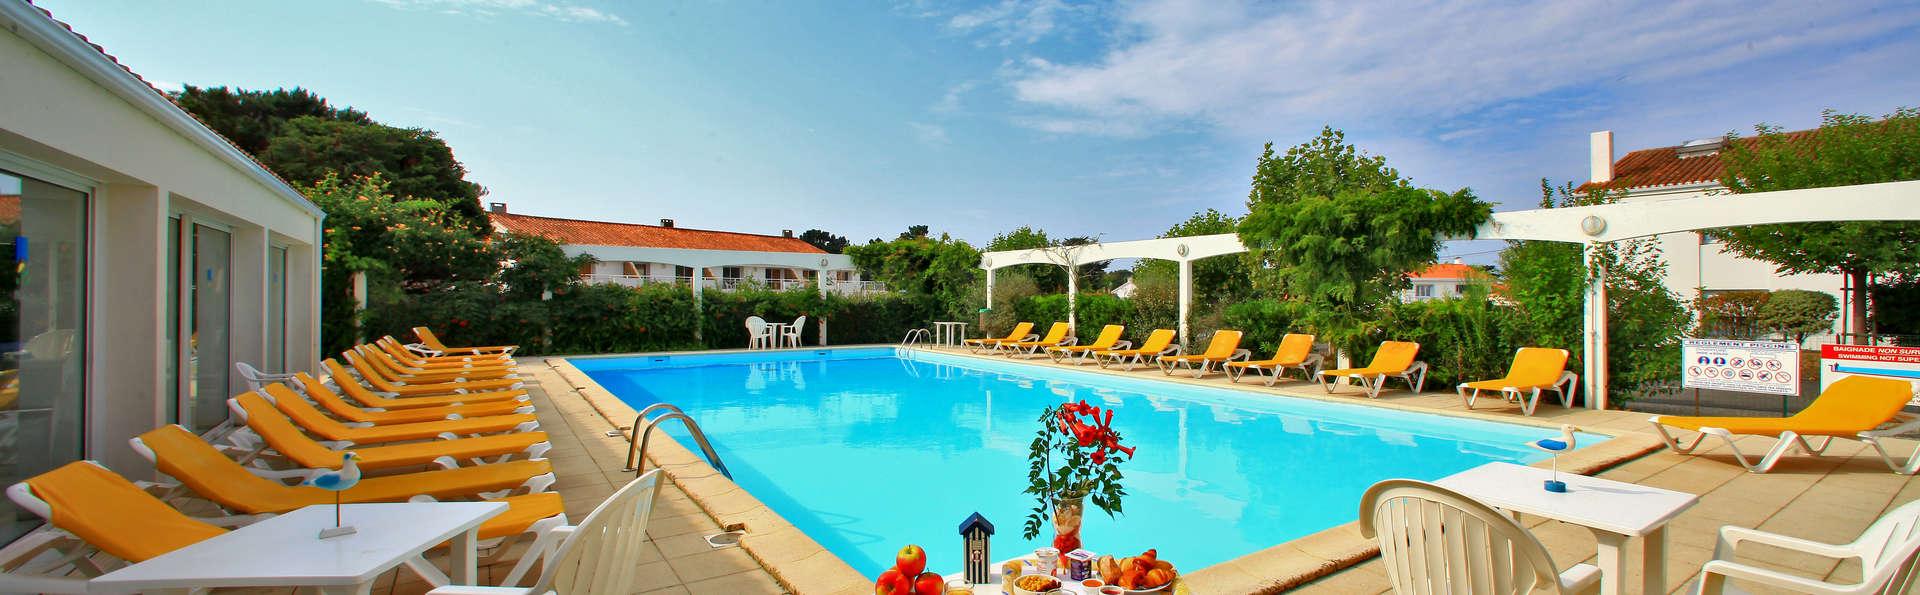 Hotel Spa St Gilles Croix De Vie